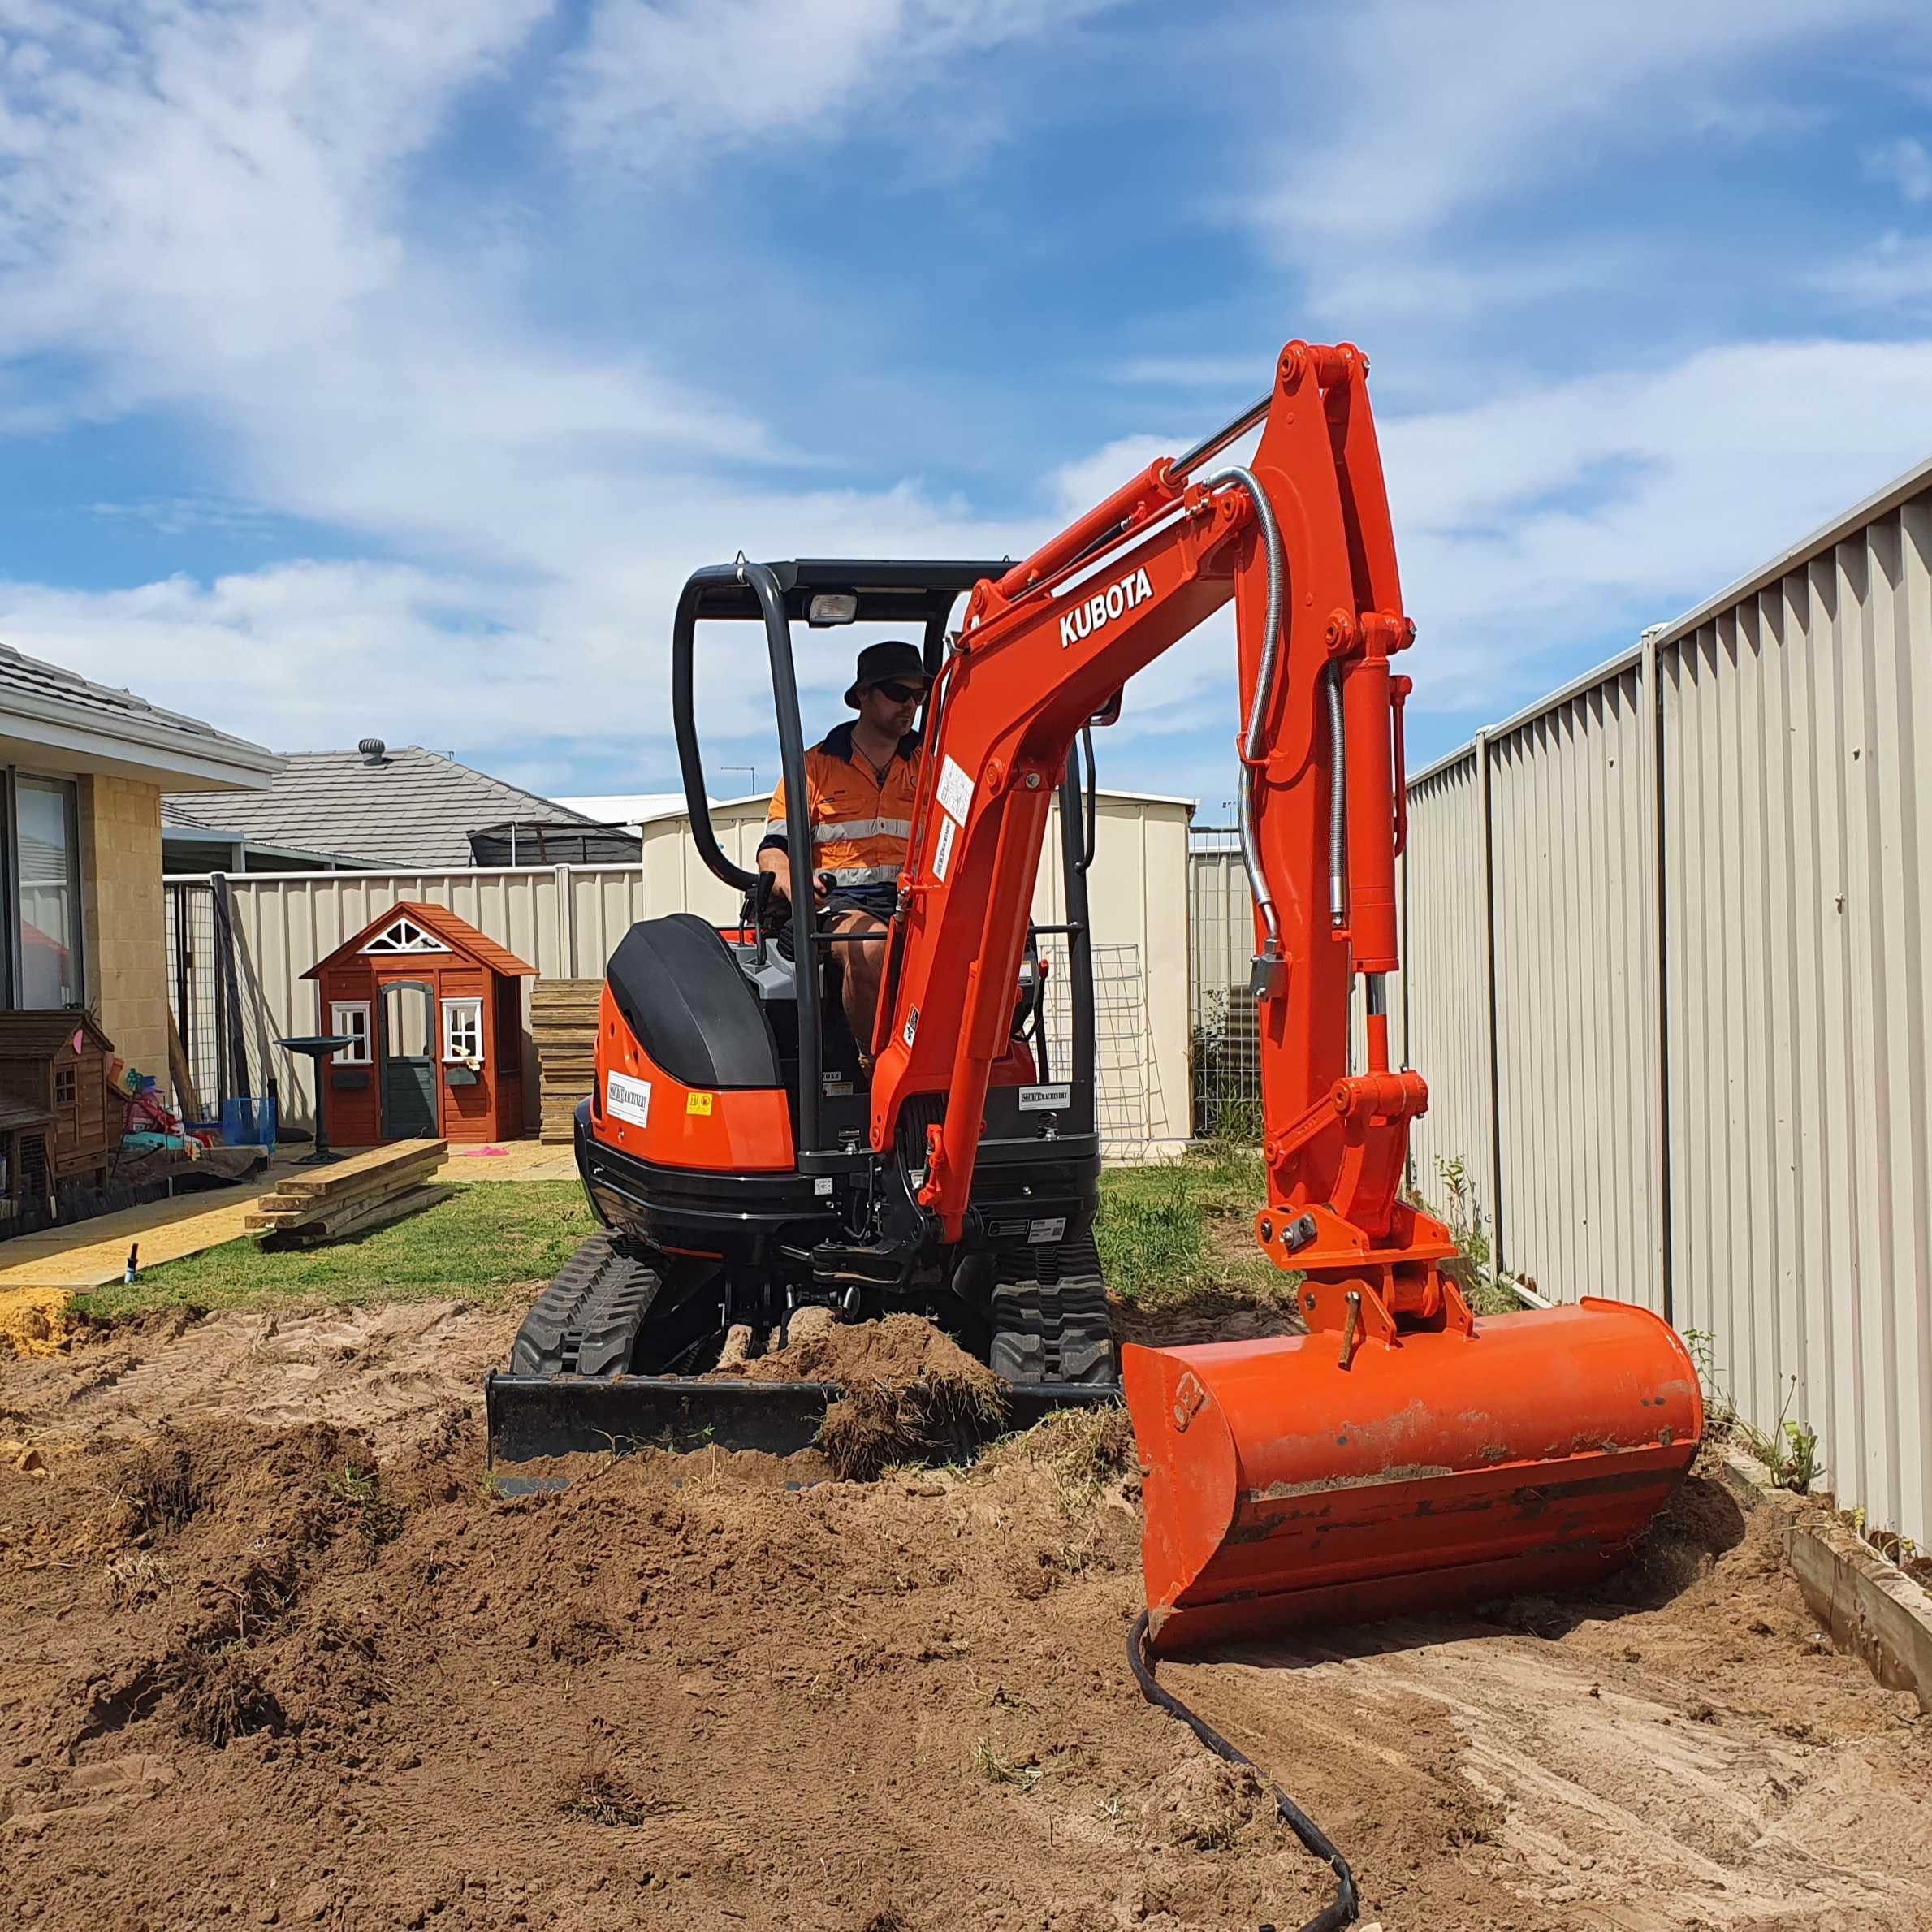 Hire 2.5 Ton Excavator with Operator